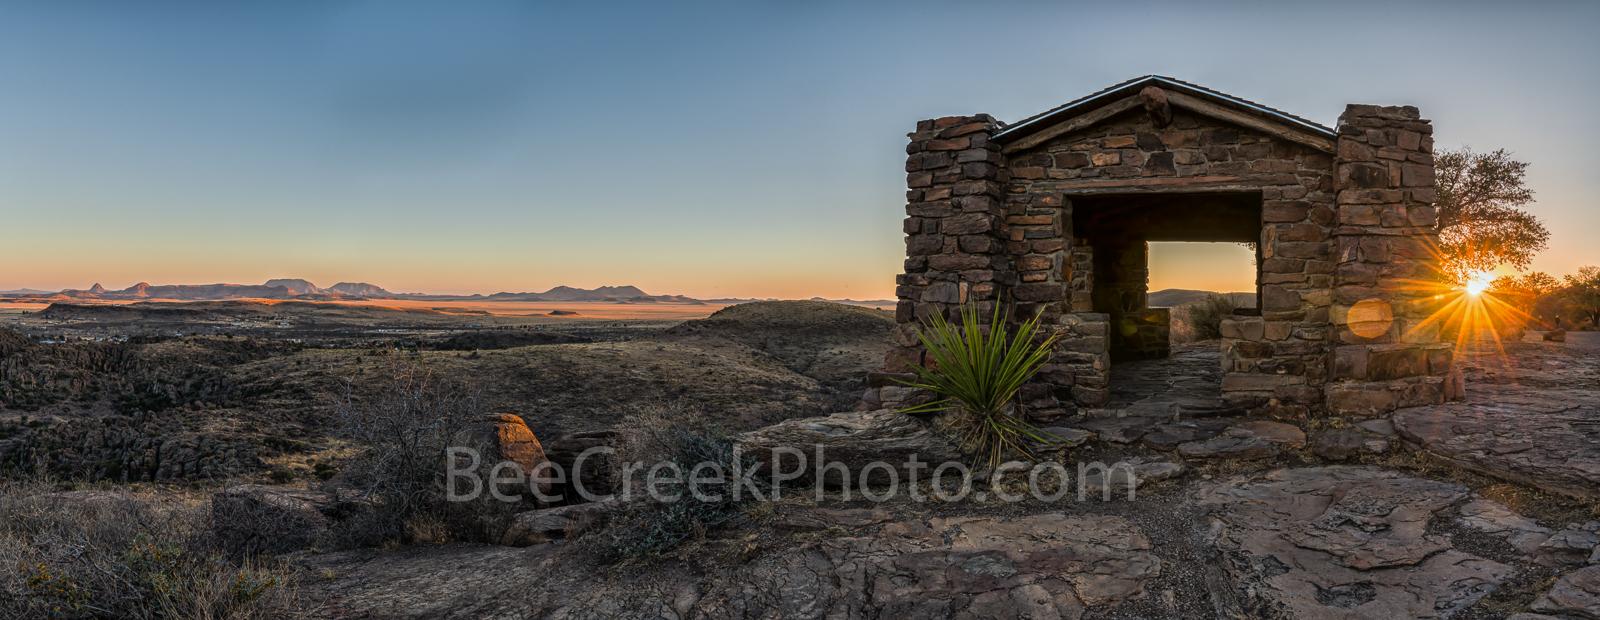 Davis Mountain Overlook, sunset, panorama, pano, sunset, colors, rock pano, panorma, pamoramic, building, Texas landscape, mountain, Davis Mountain State Park, Fort Davis, west texas, Texan, USA, Unit, photo